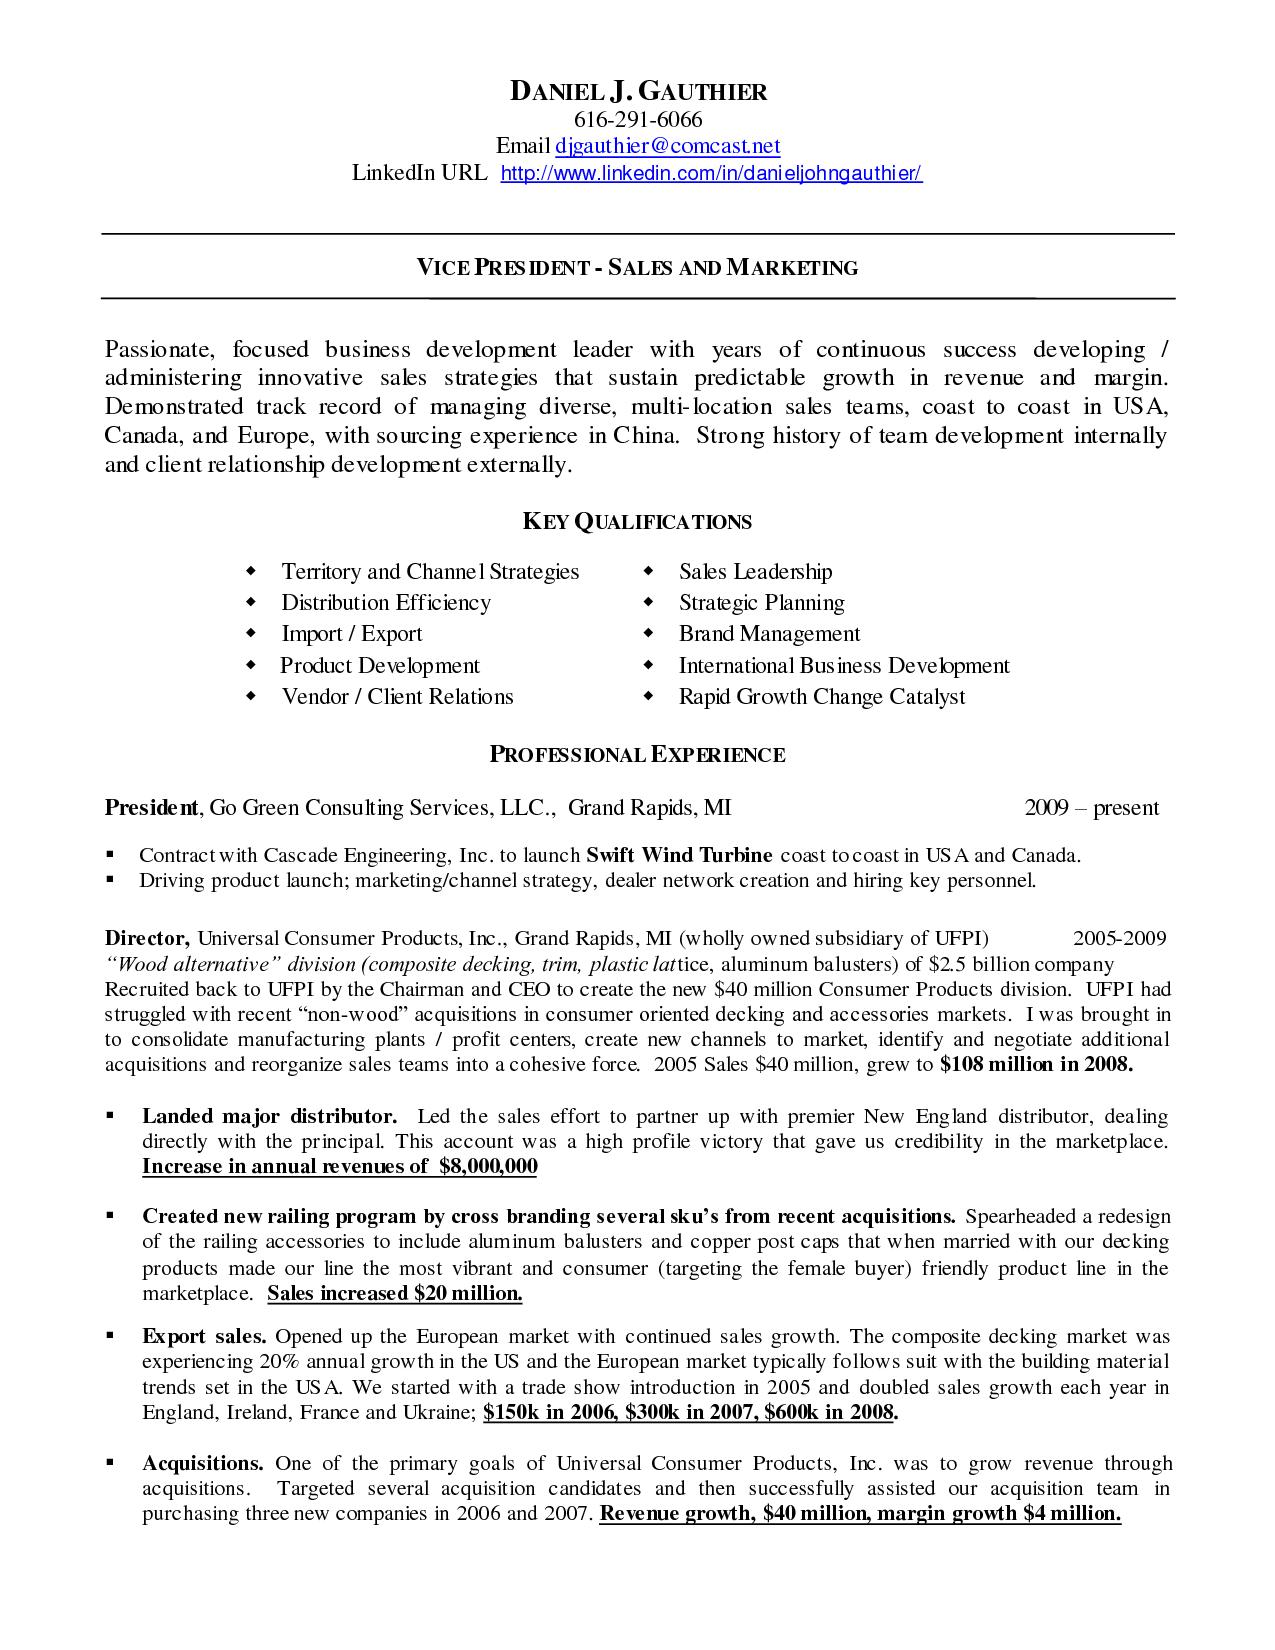 linkedin resume best